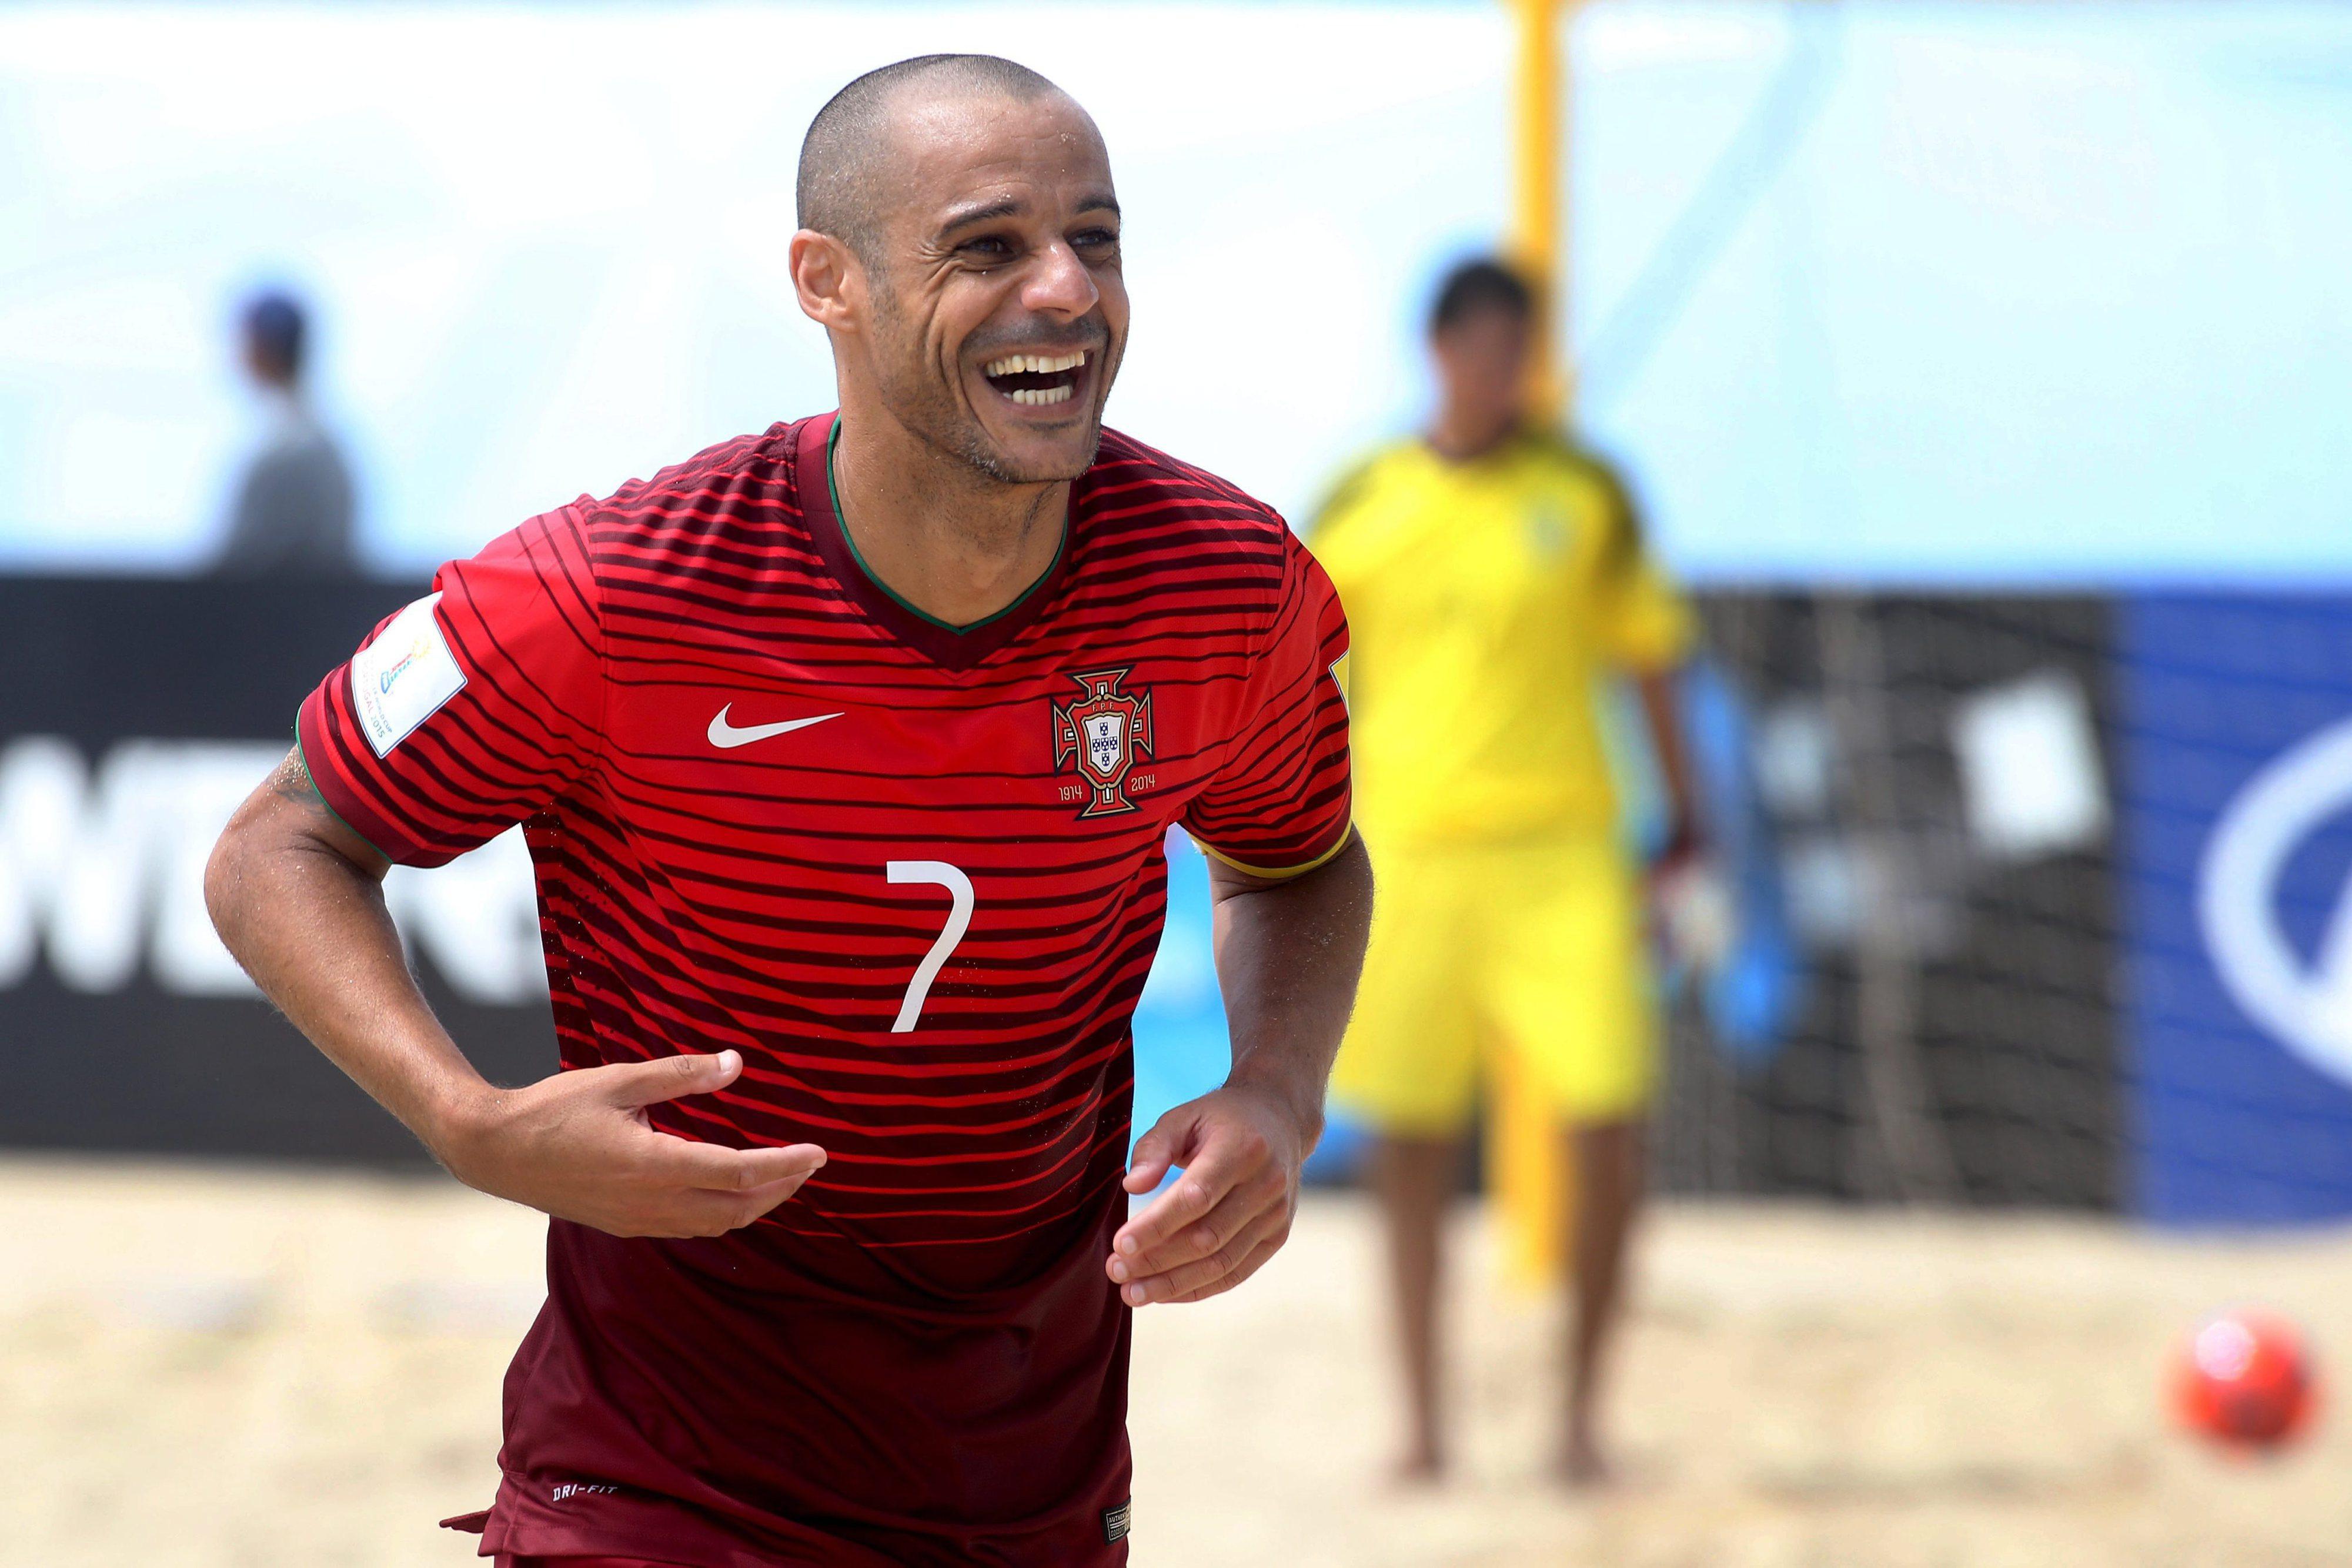 De Espinho para as Bahamas, seleção de futebol de praia tenta revalidar título mundial